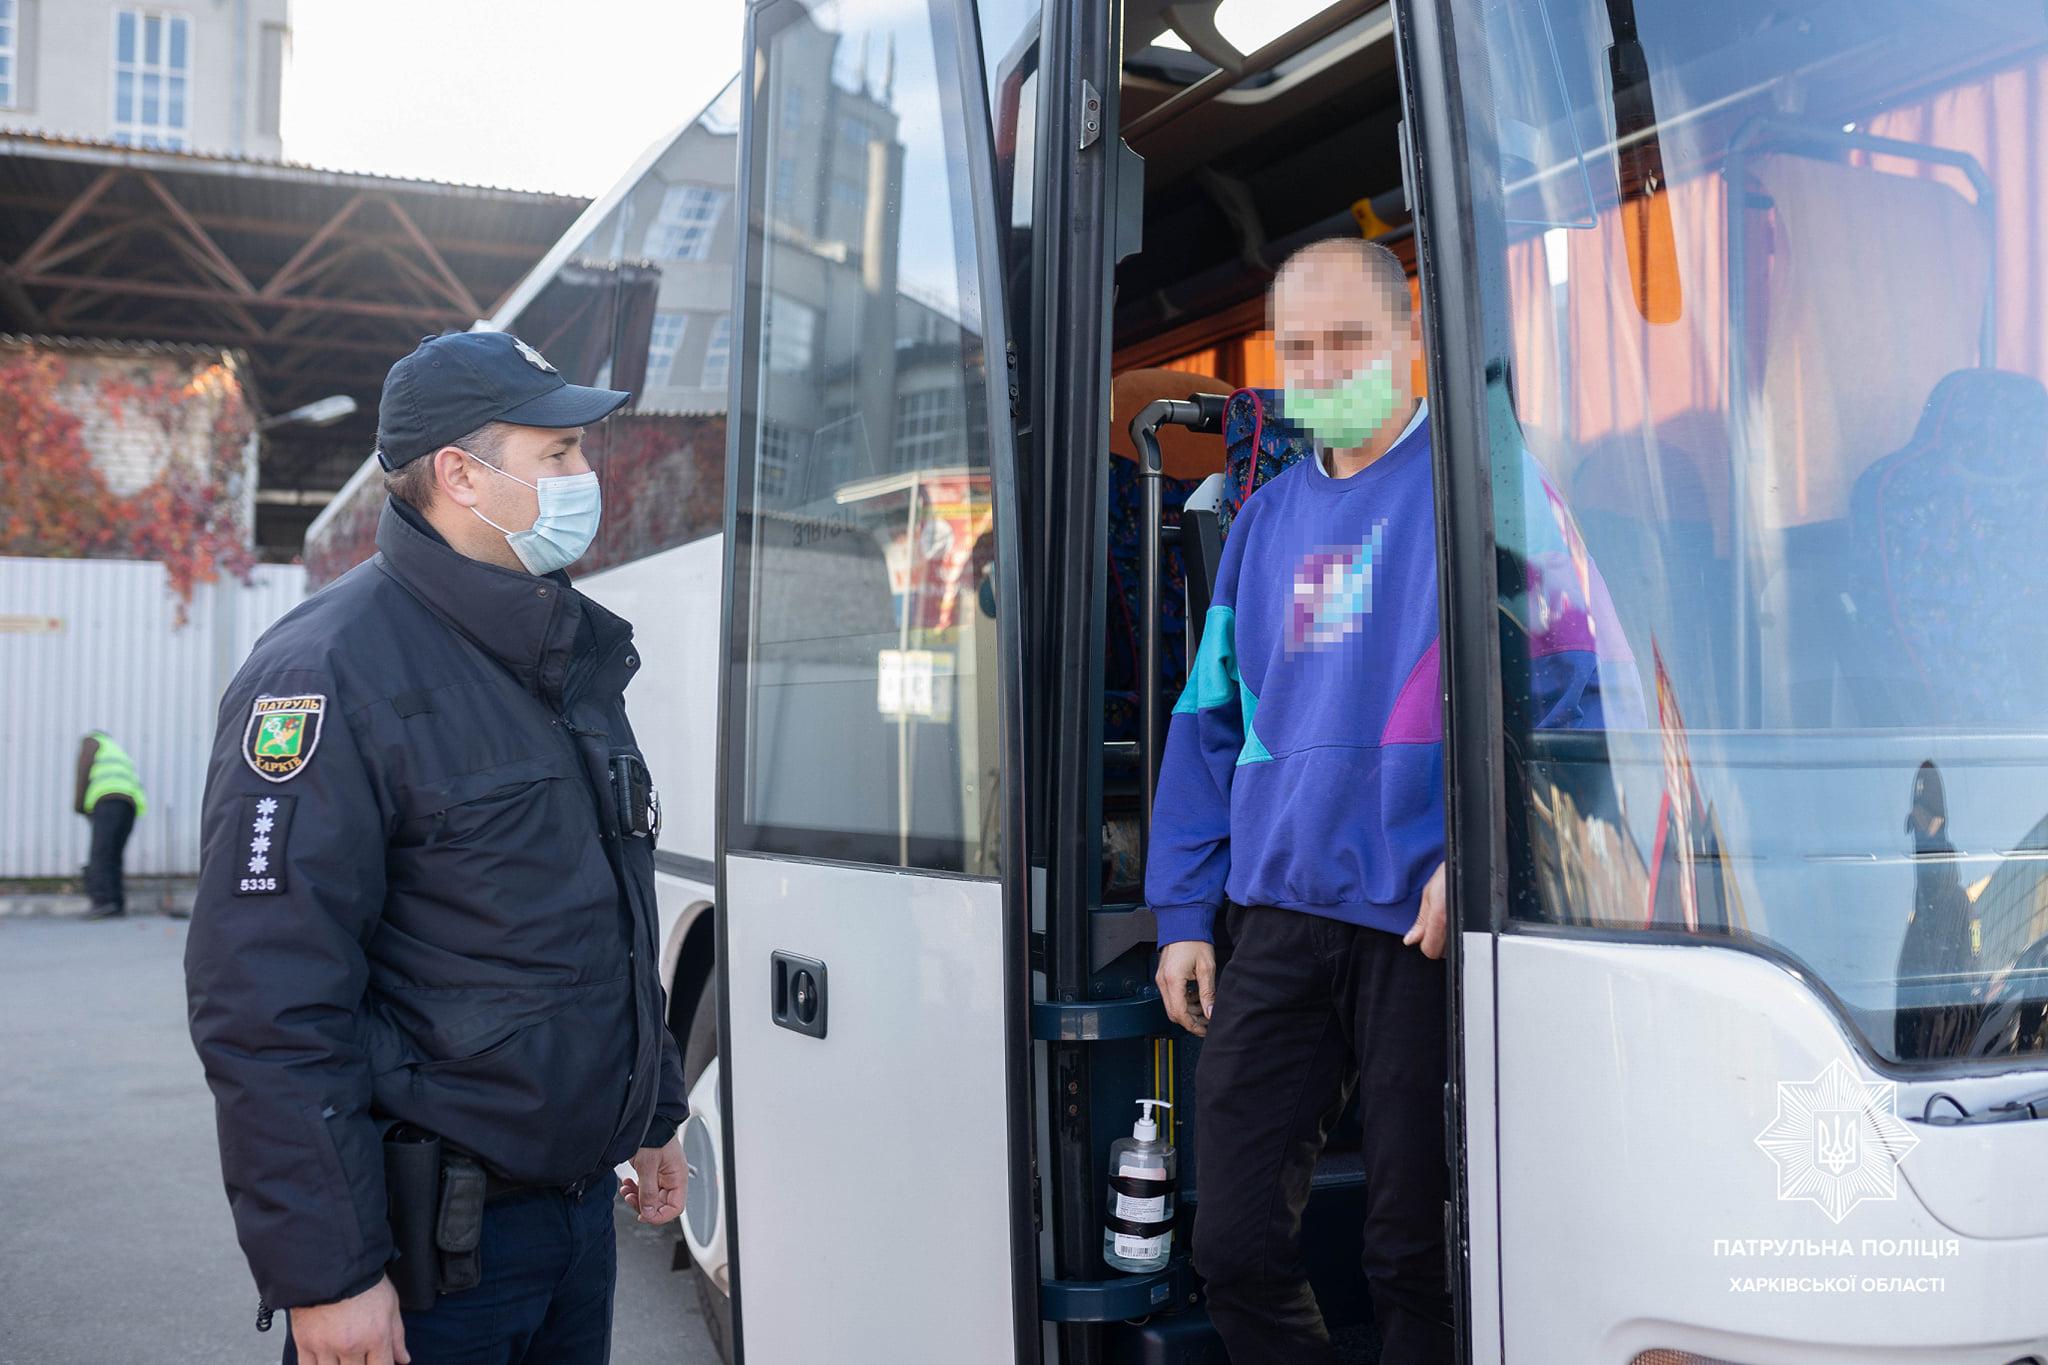 Карантин. В Харькове патрульные проверяют общественный транспорт (Фото)